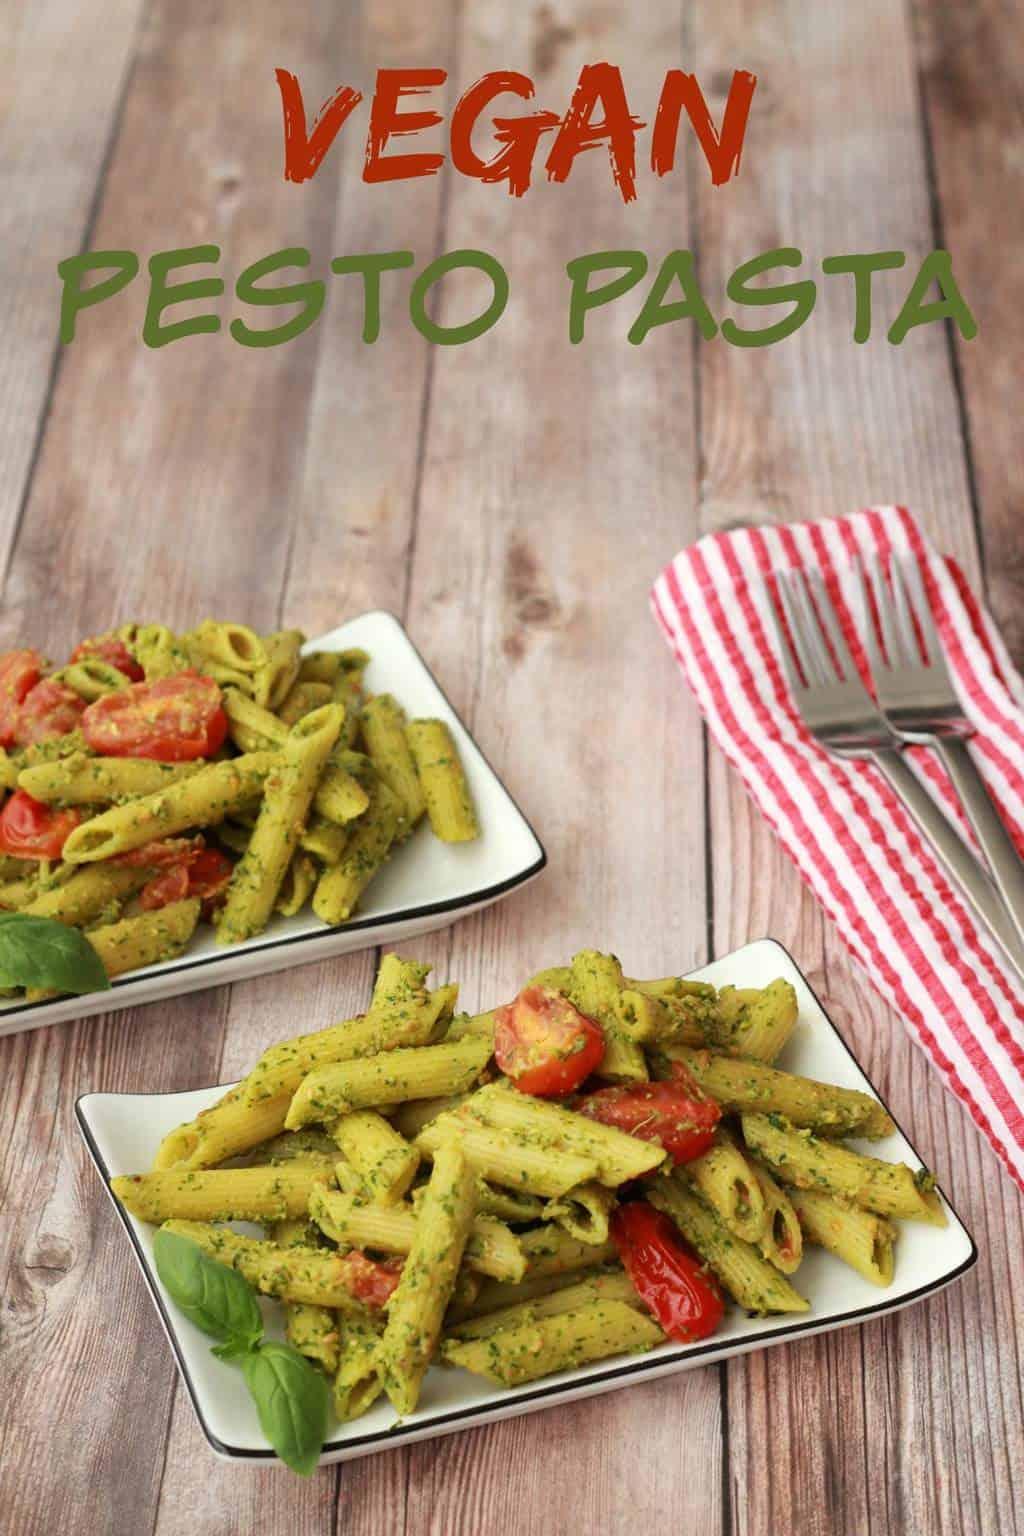 Vegan Pesto Pasta with Pan-Roasted Cherry Tomatoes #vegan #lovingitvegan #entree #pesto #pasta #dairyfree